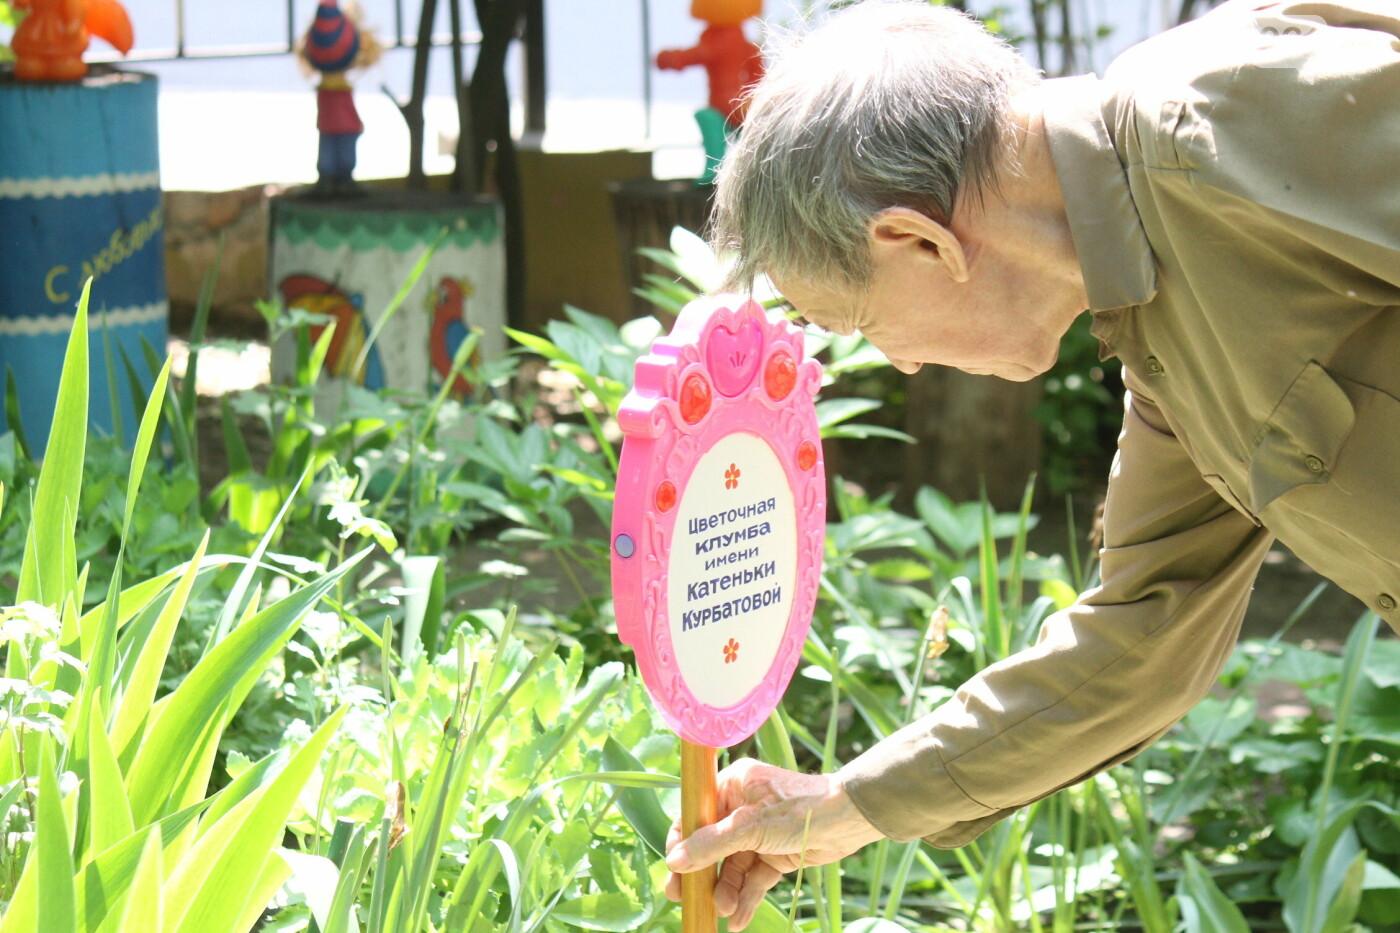 Сказочный городок дедушки Евгения: как запорожский пенсионер превратил заброшенный палисадник в зону для детей, – ФОТОРЕПОРТАЖ, фото-12